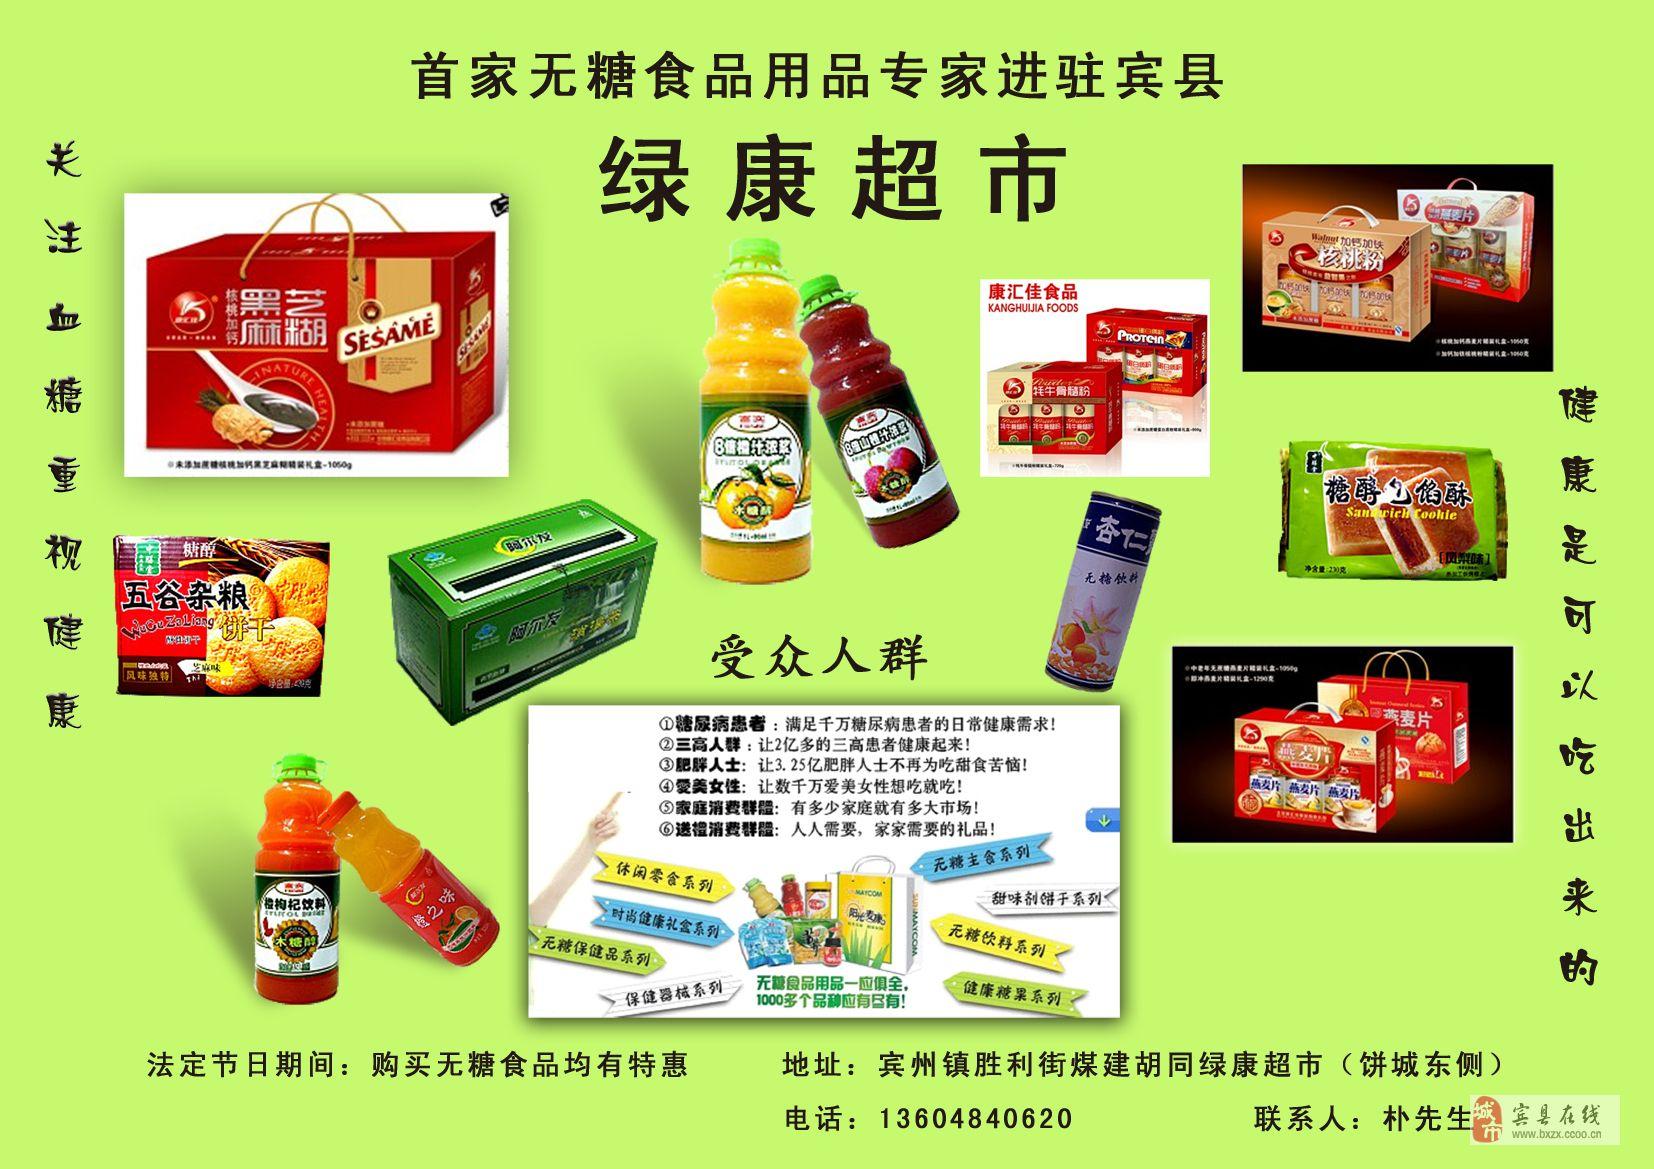 [公告]绿康无糖低糖食品超市产品